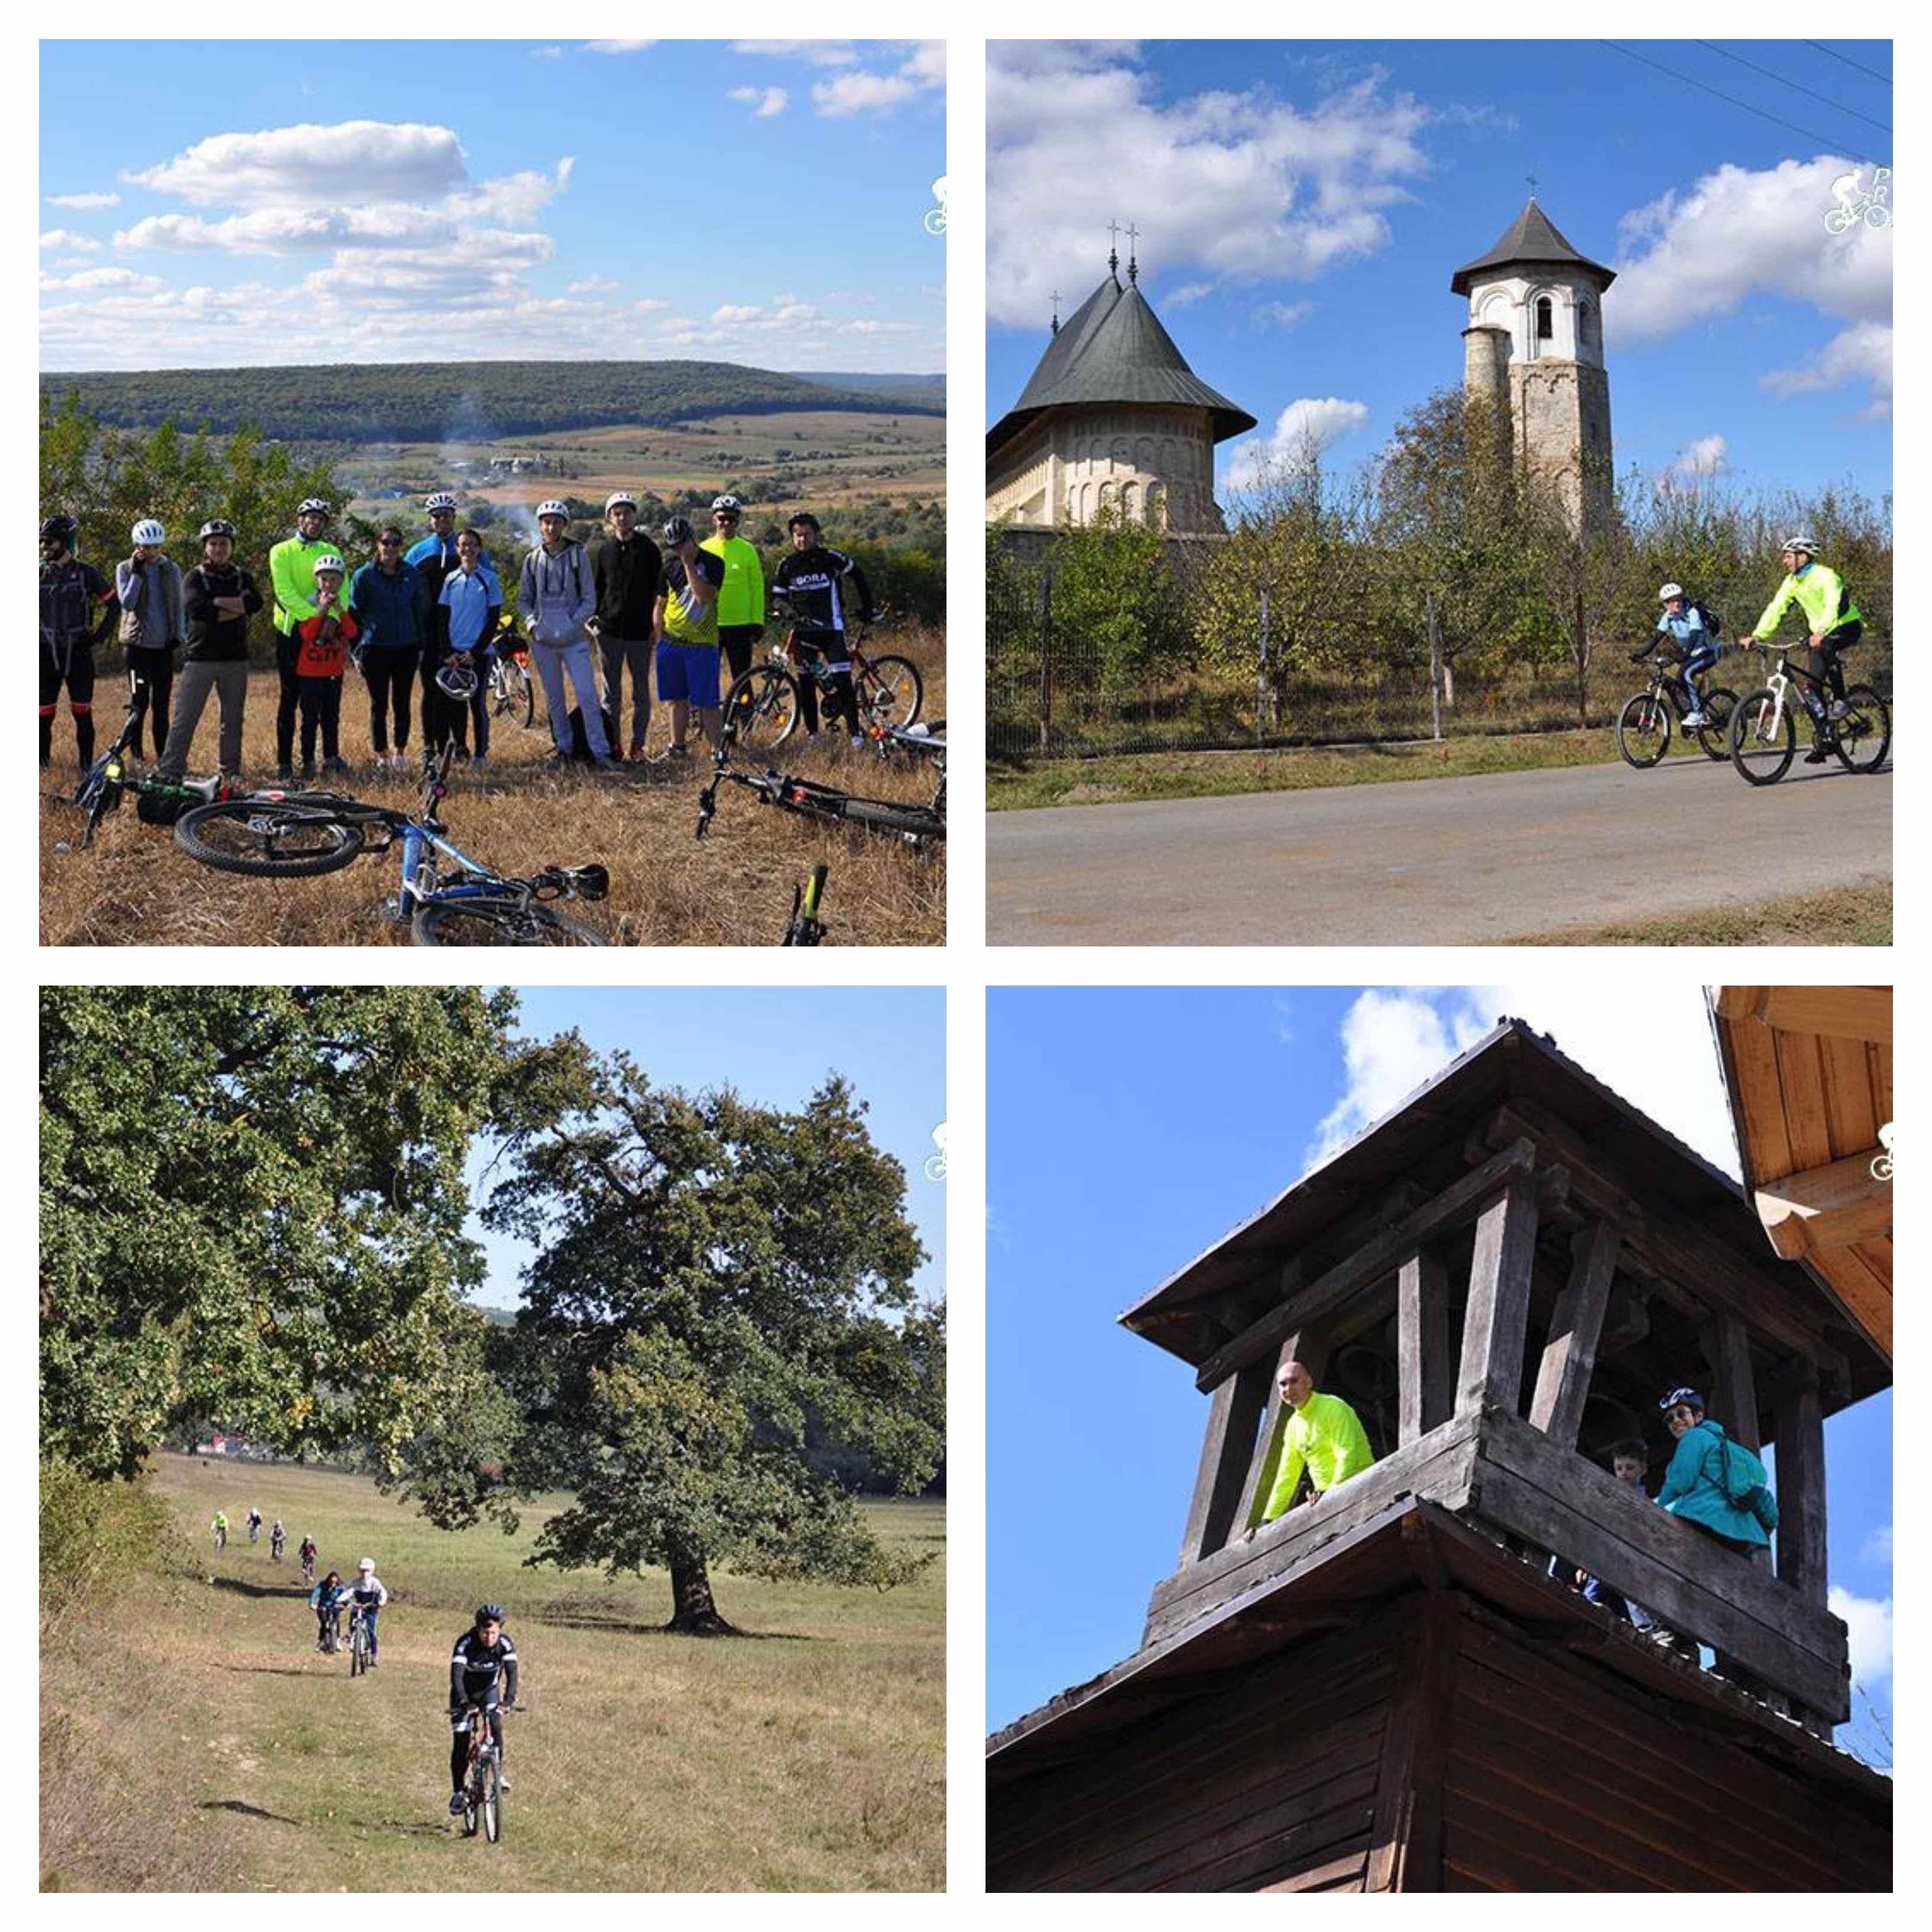 probikeaddiction cicloturism dobrovat manastire biserica